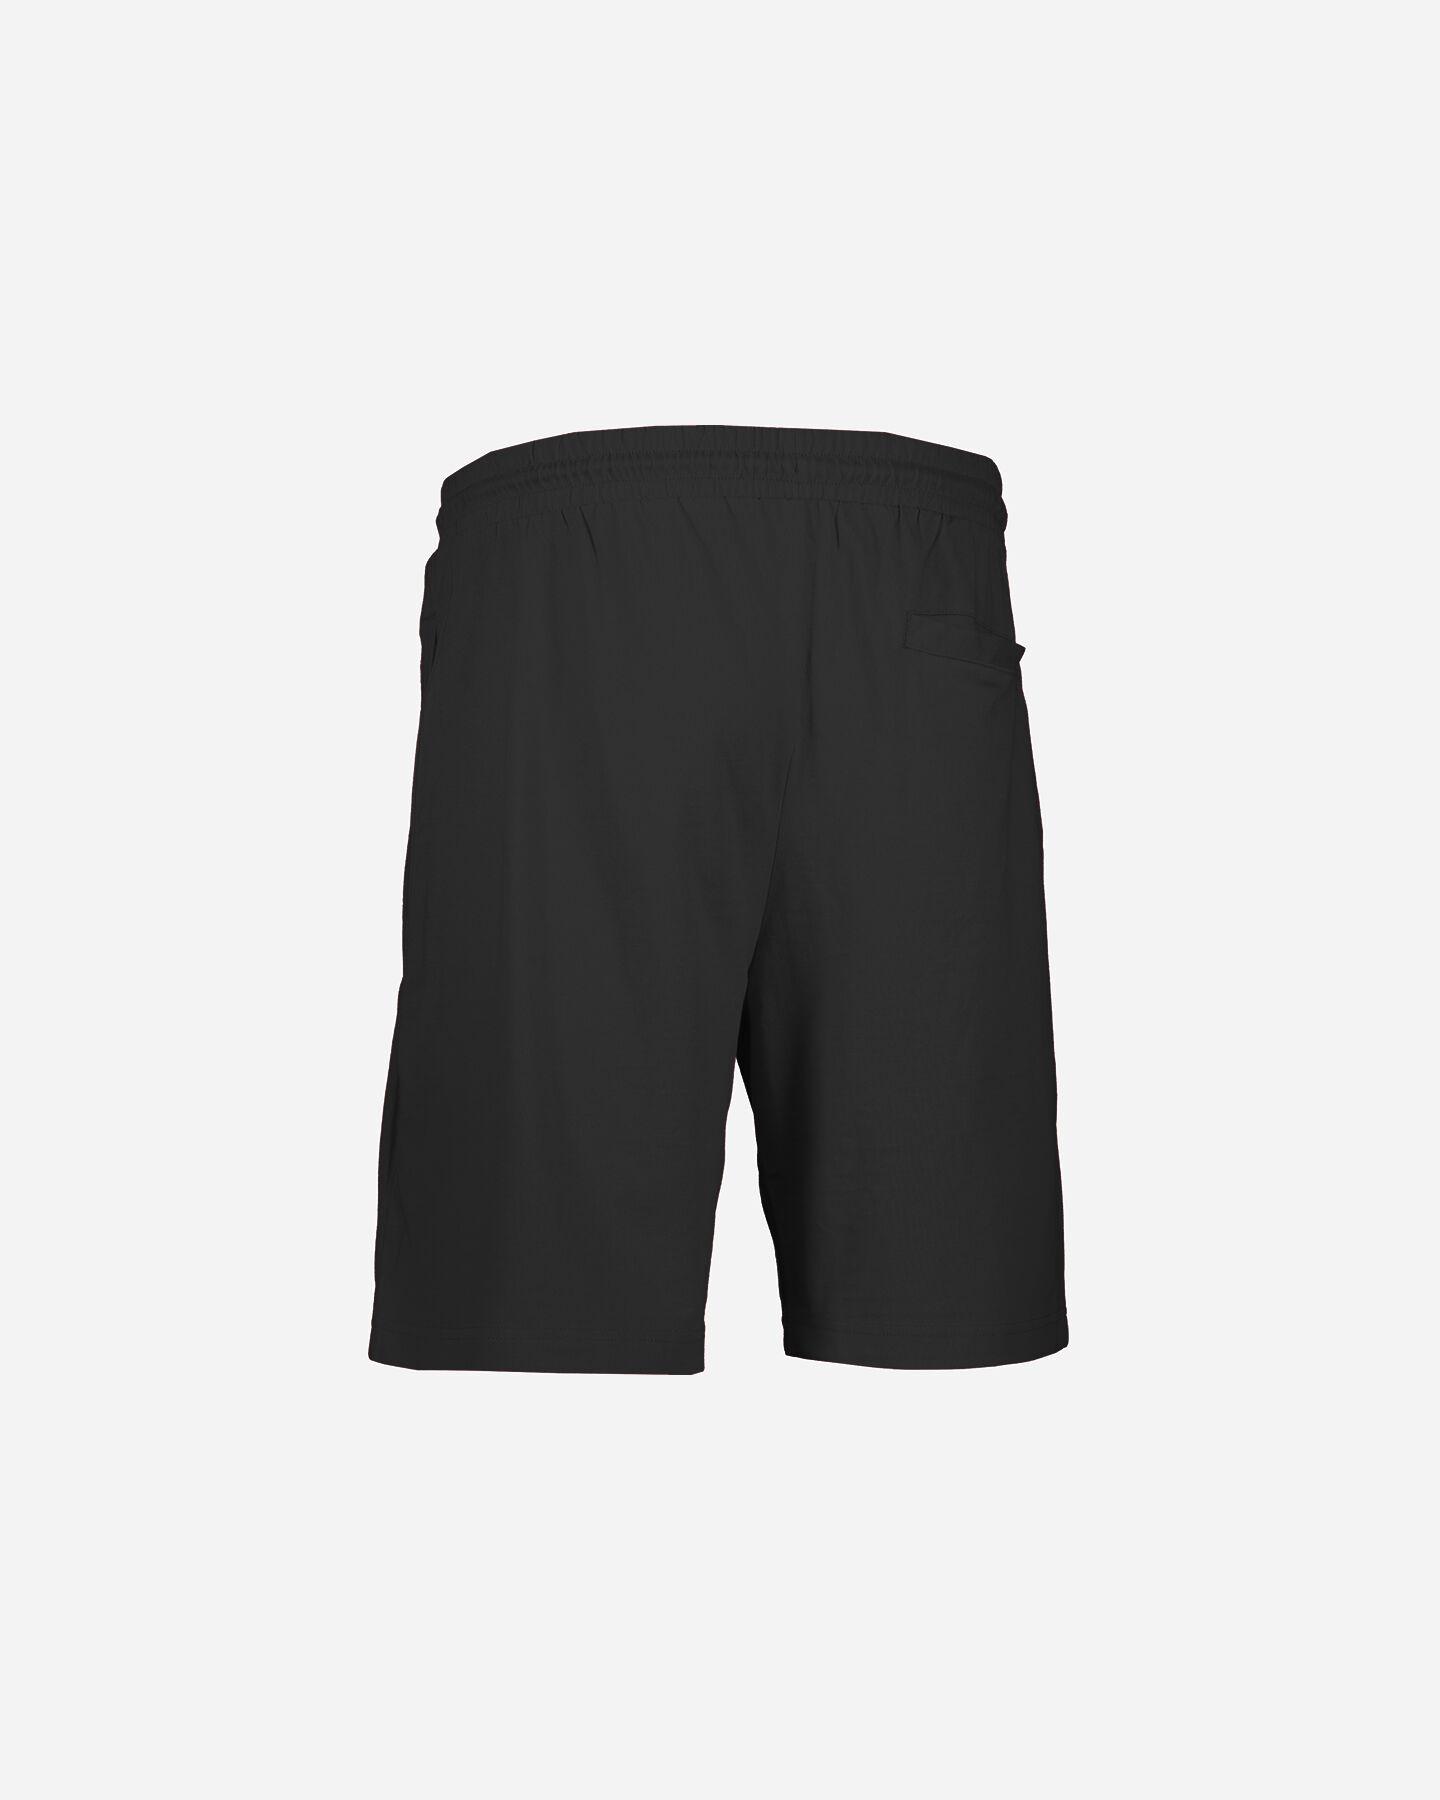 Pantaloncini ADMIRAL LOGO SUMMER M S4077244 scatto 2